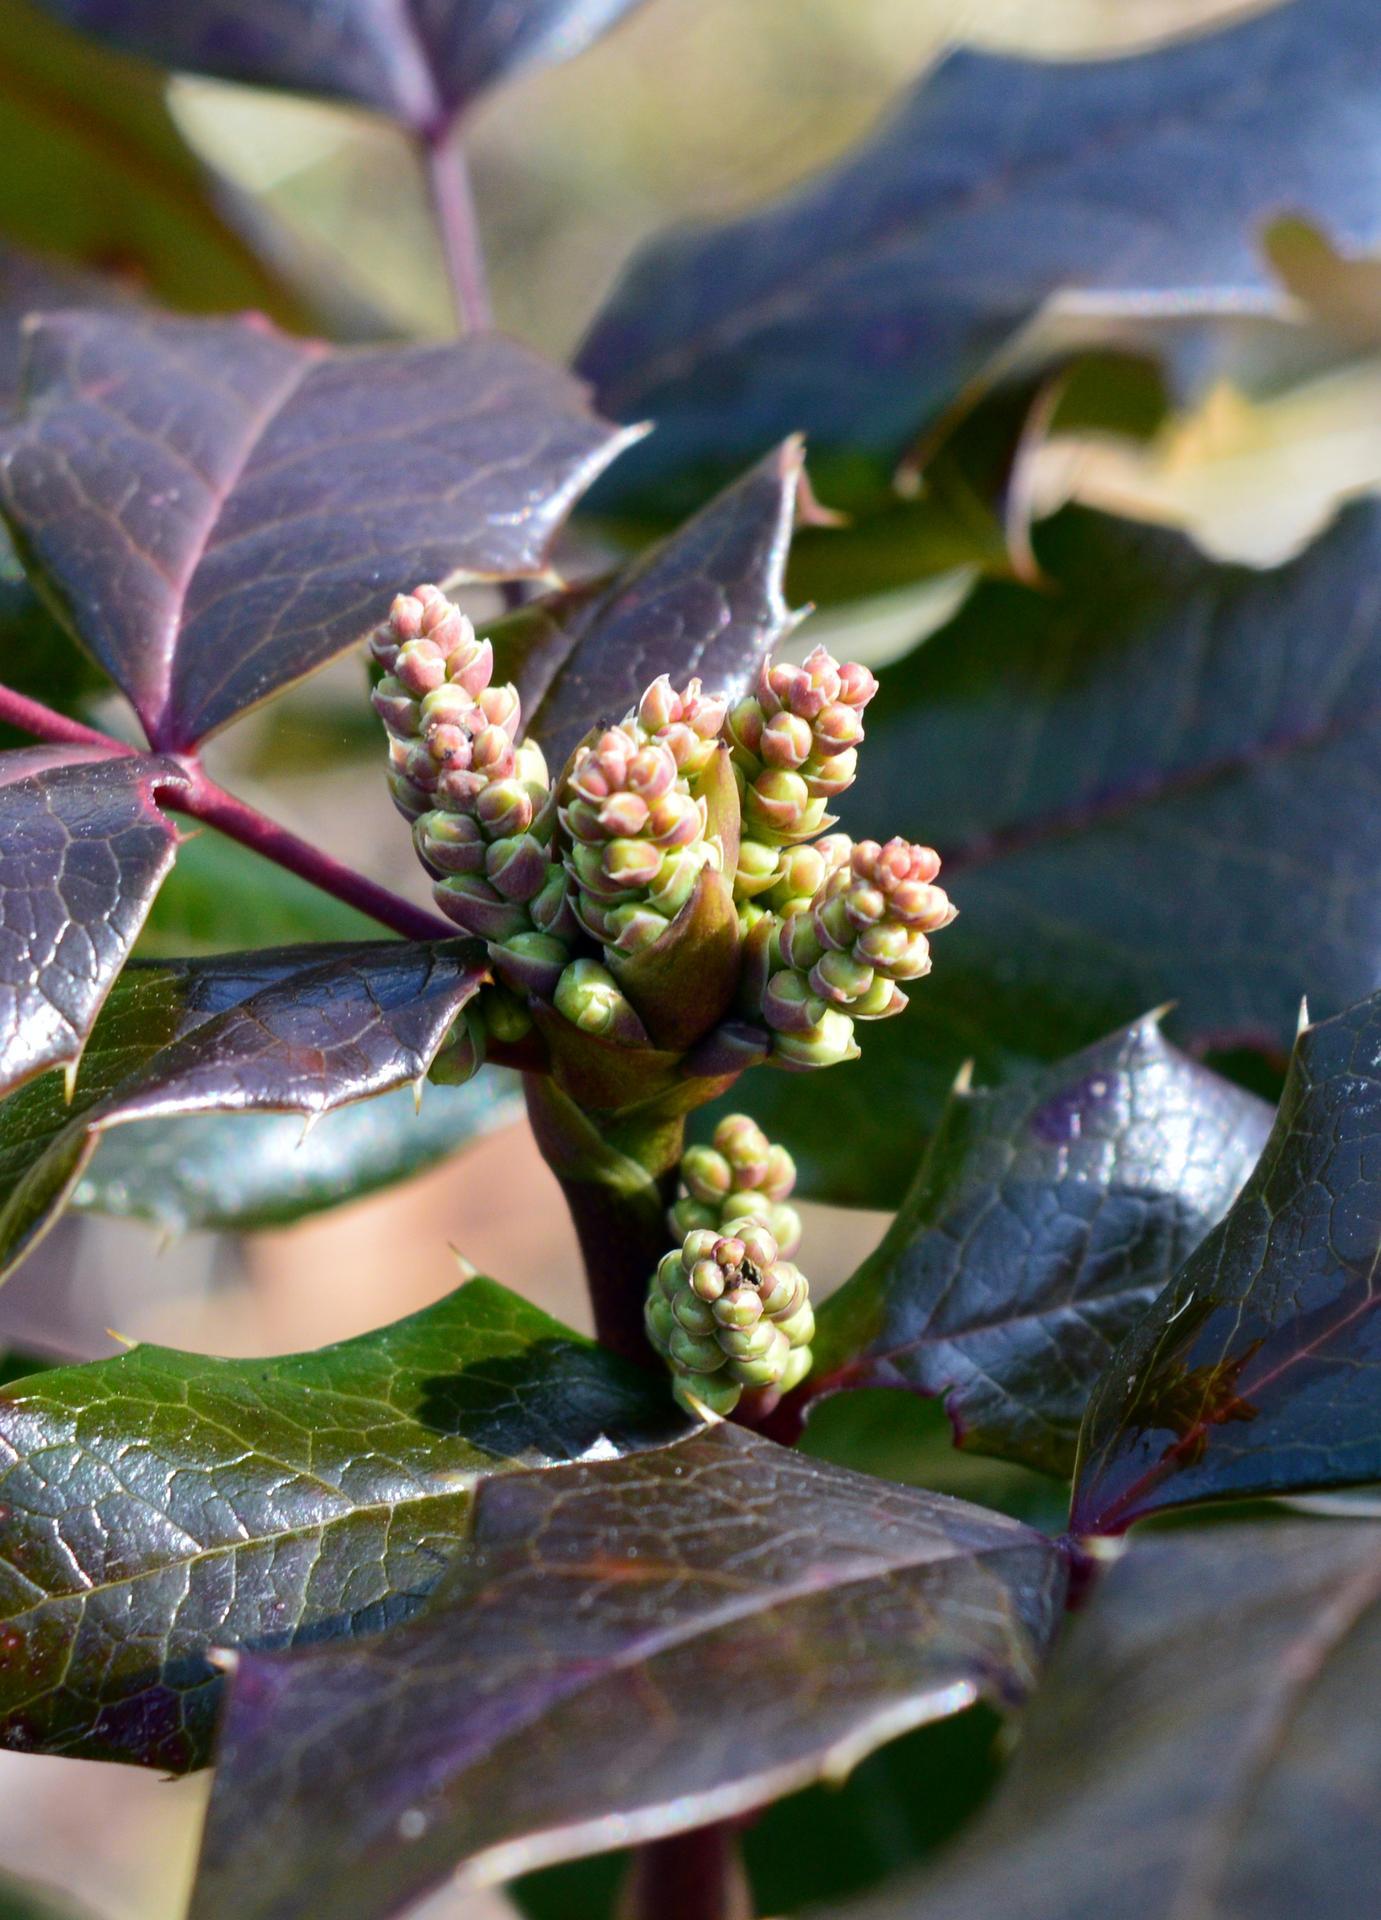 Naša prírodná perma záhradka v roku 2020 - 1. krát ide kvitnúť aj mahónia